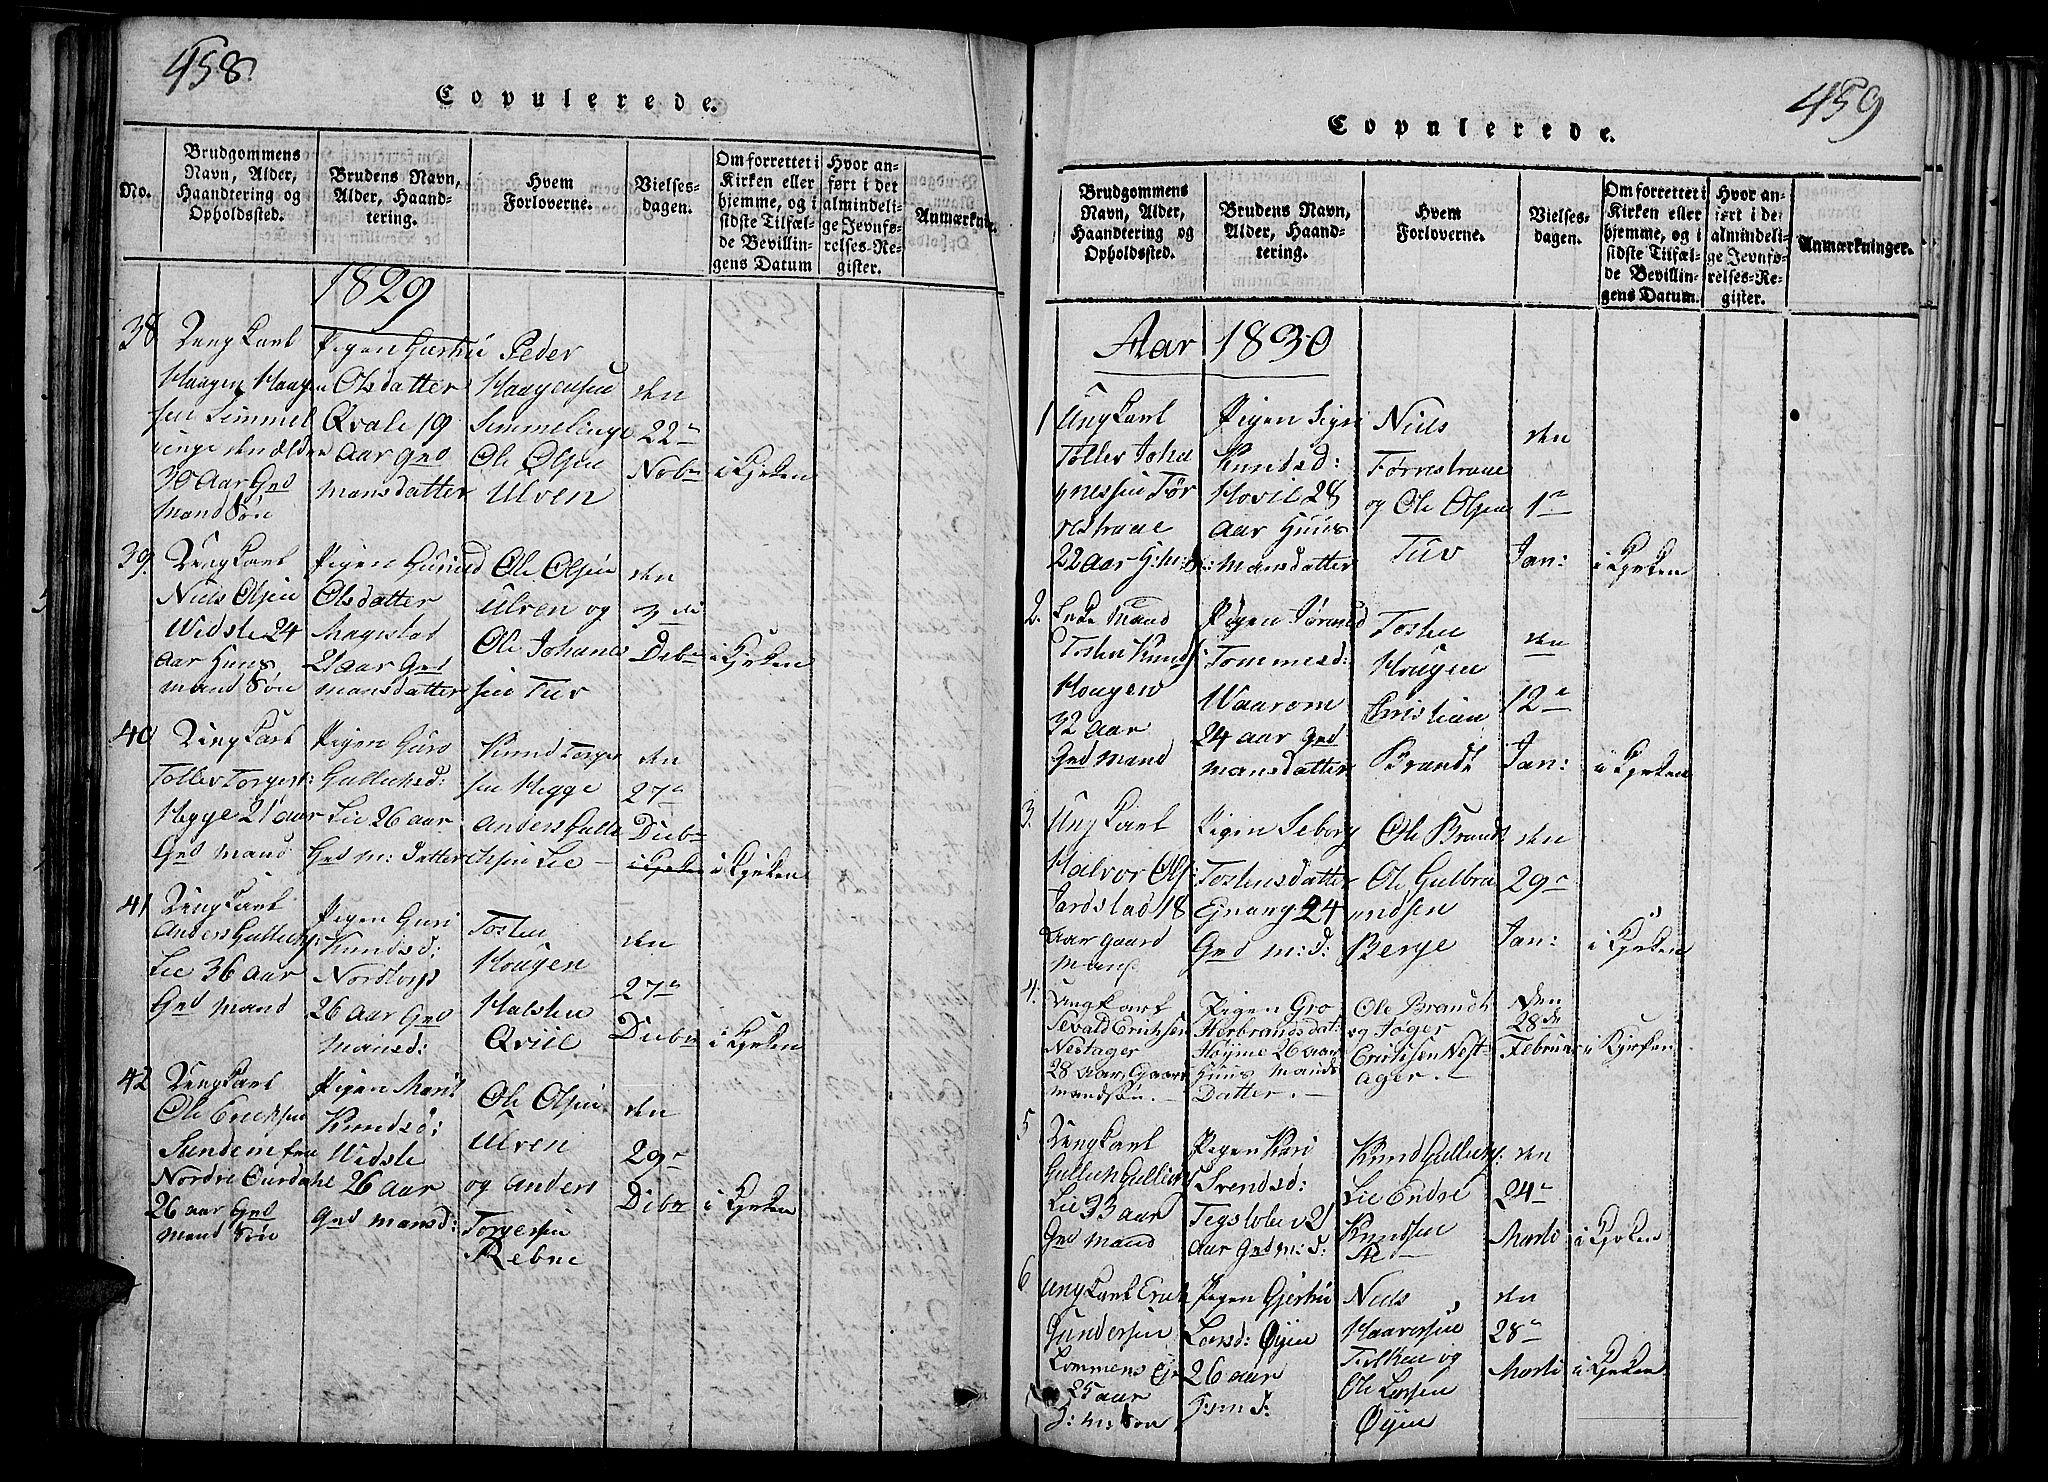 SAH, Slidre prestekontor, Ministerialbok nr. 2, 1814-1830, s. 458-459